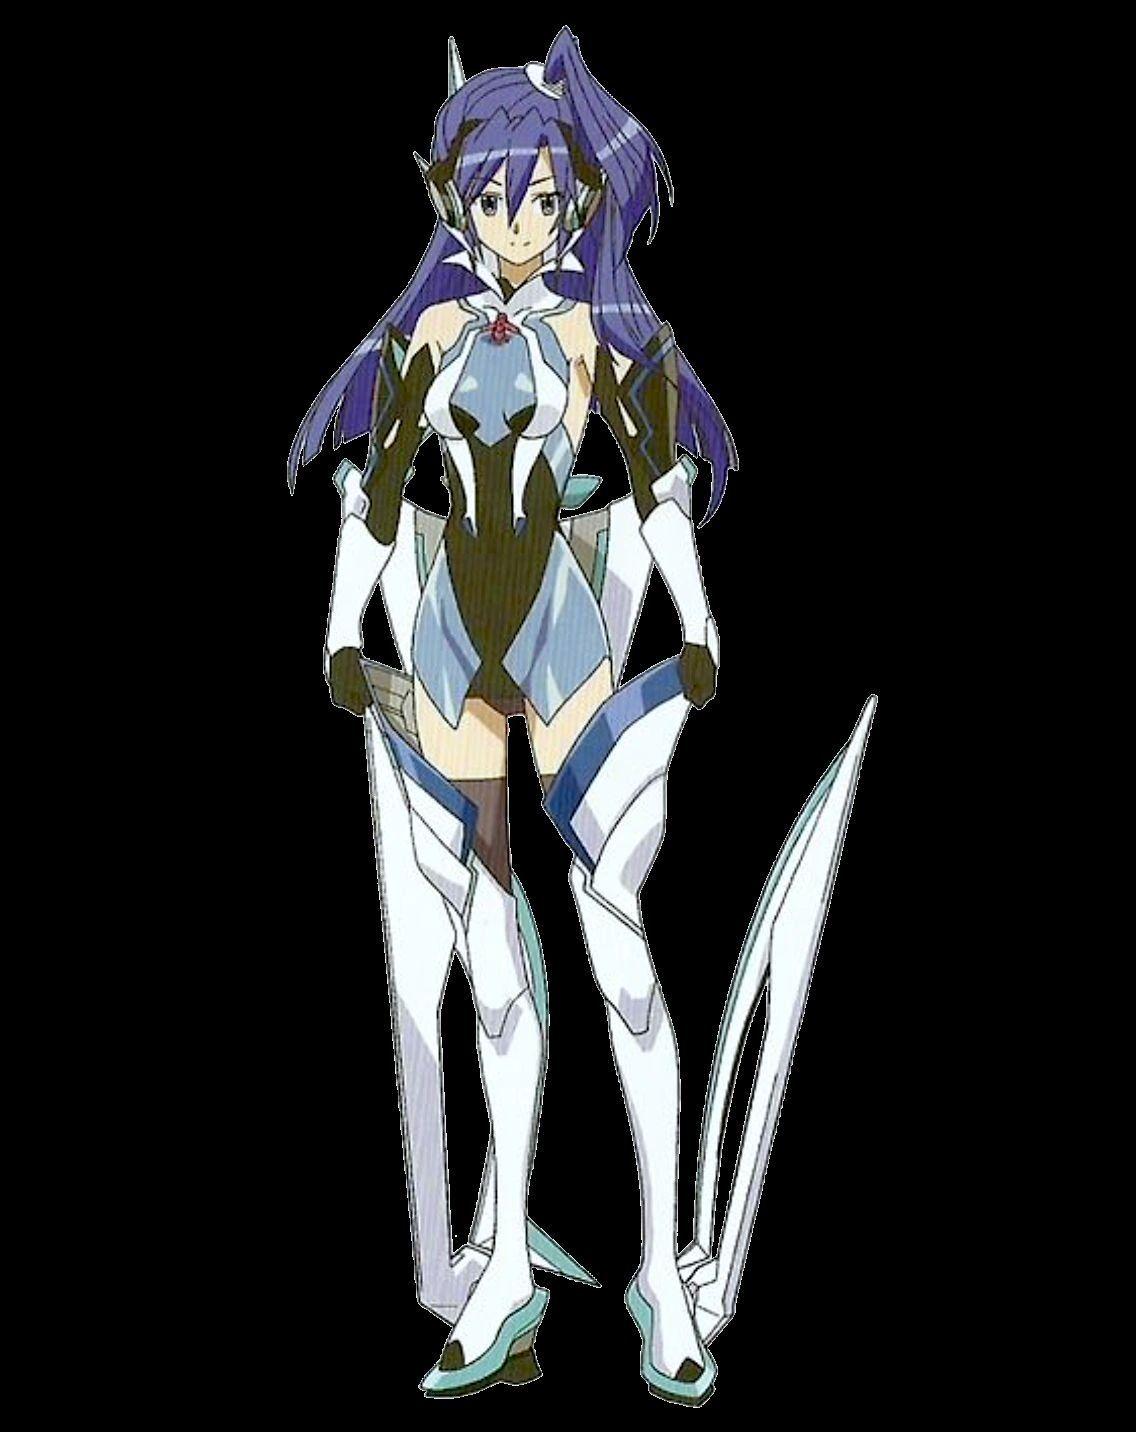 Kamen Rider ZeroOne x Senki Zesshou Symphogear (Male